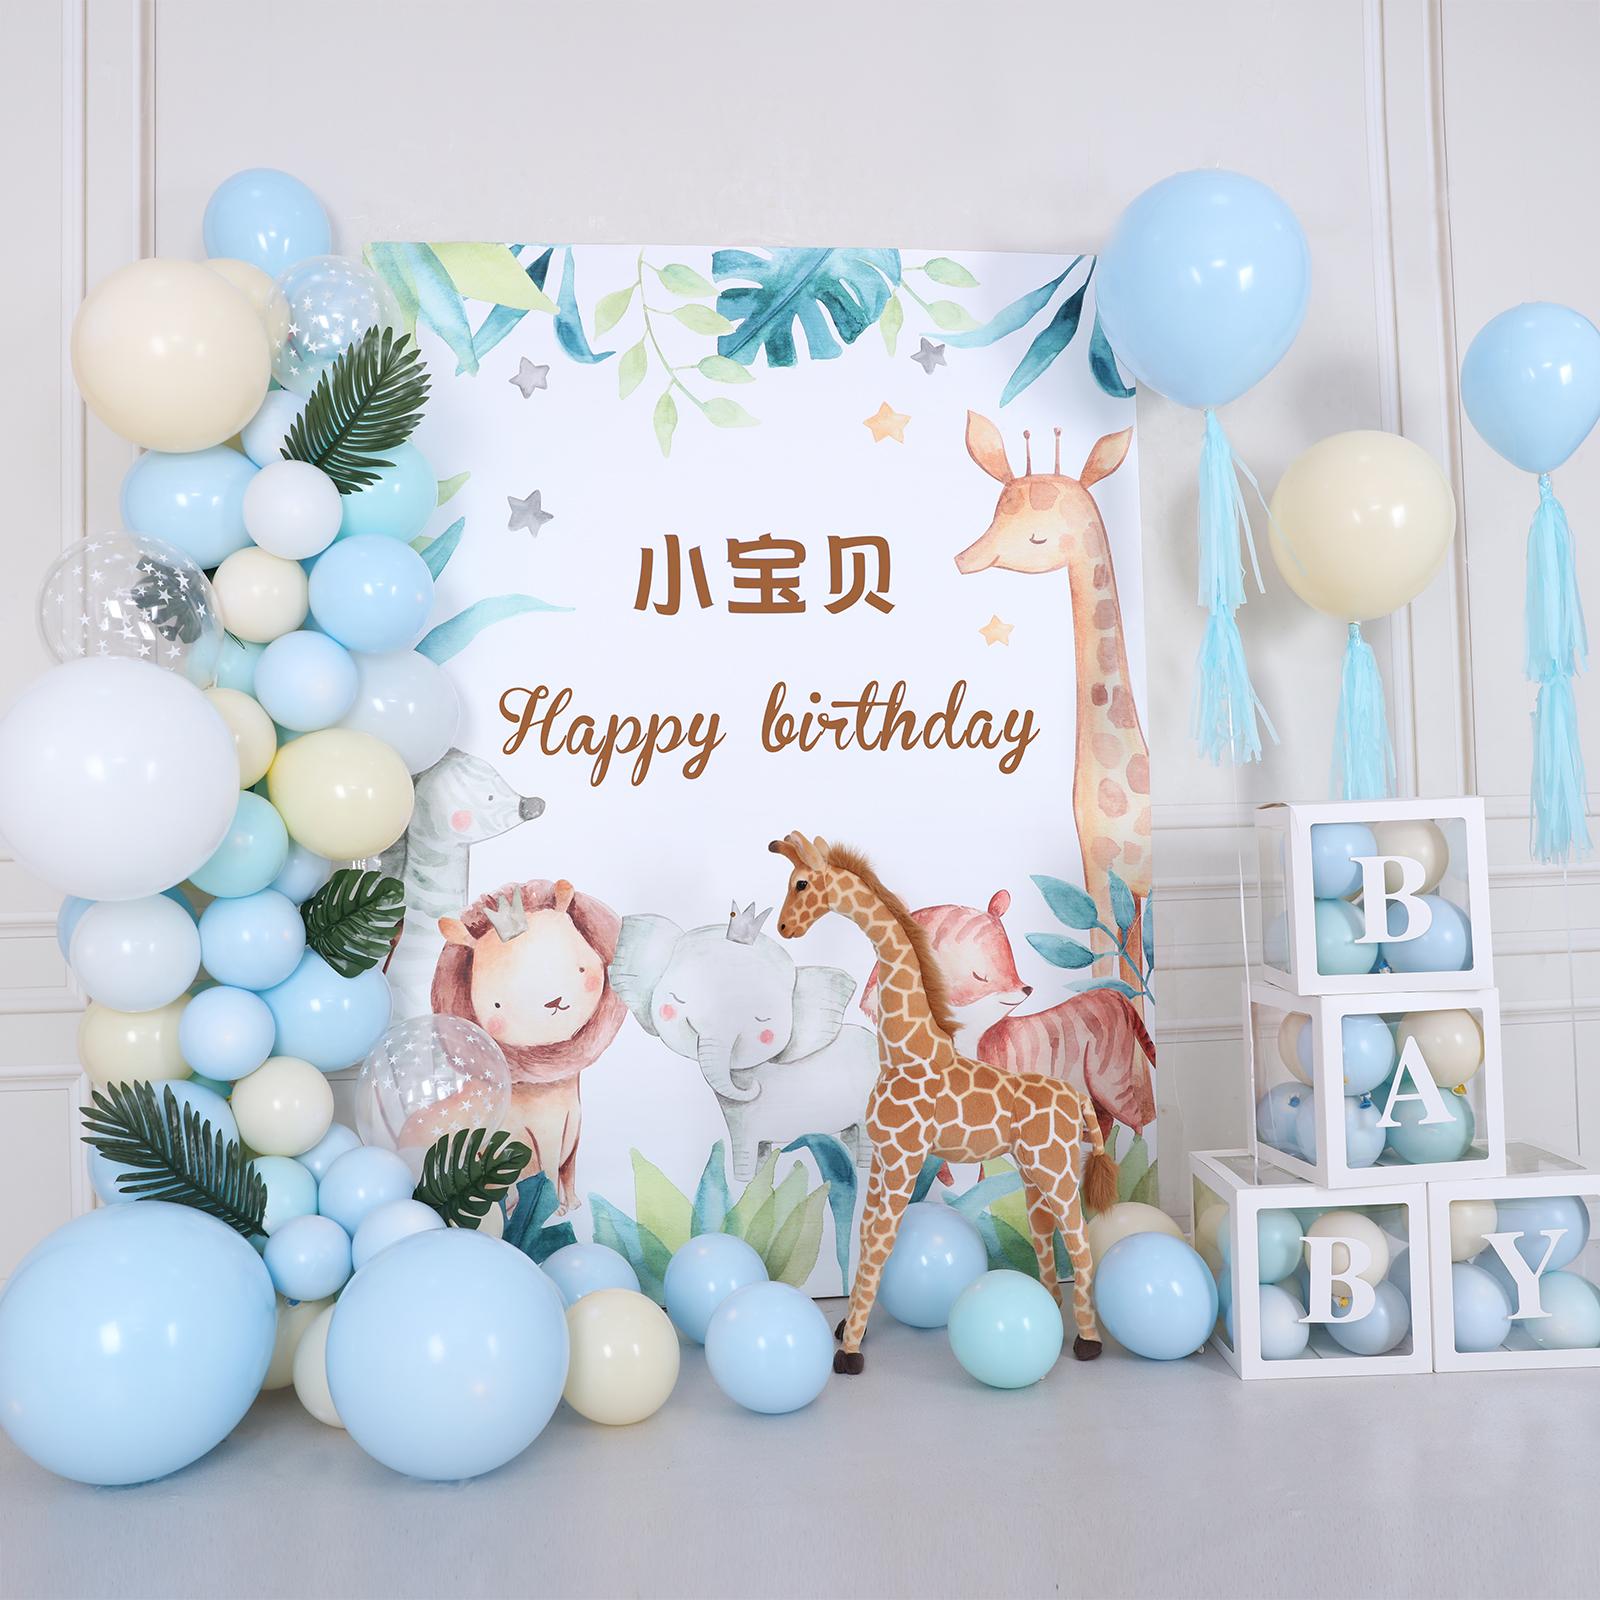 淡彩动物主题甜品台宝宝百天周岁生日布置背景布儿童派对场景装饰